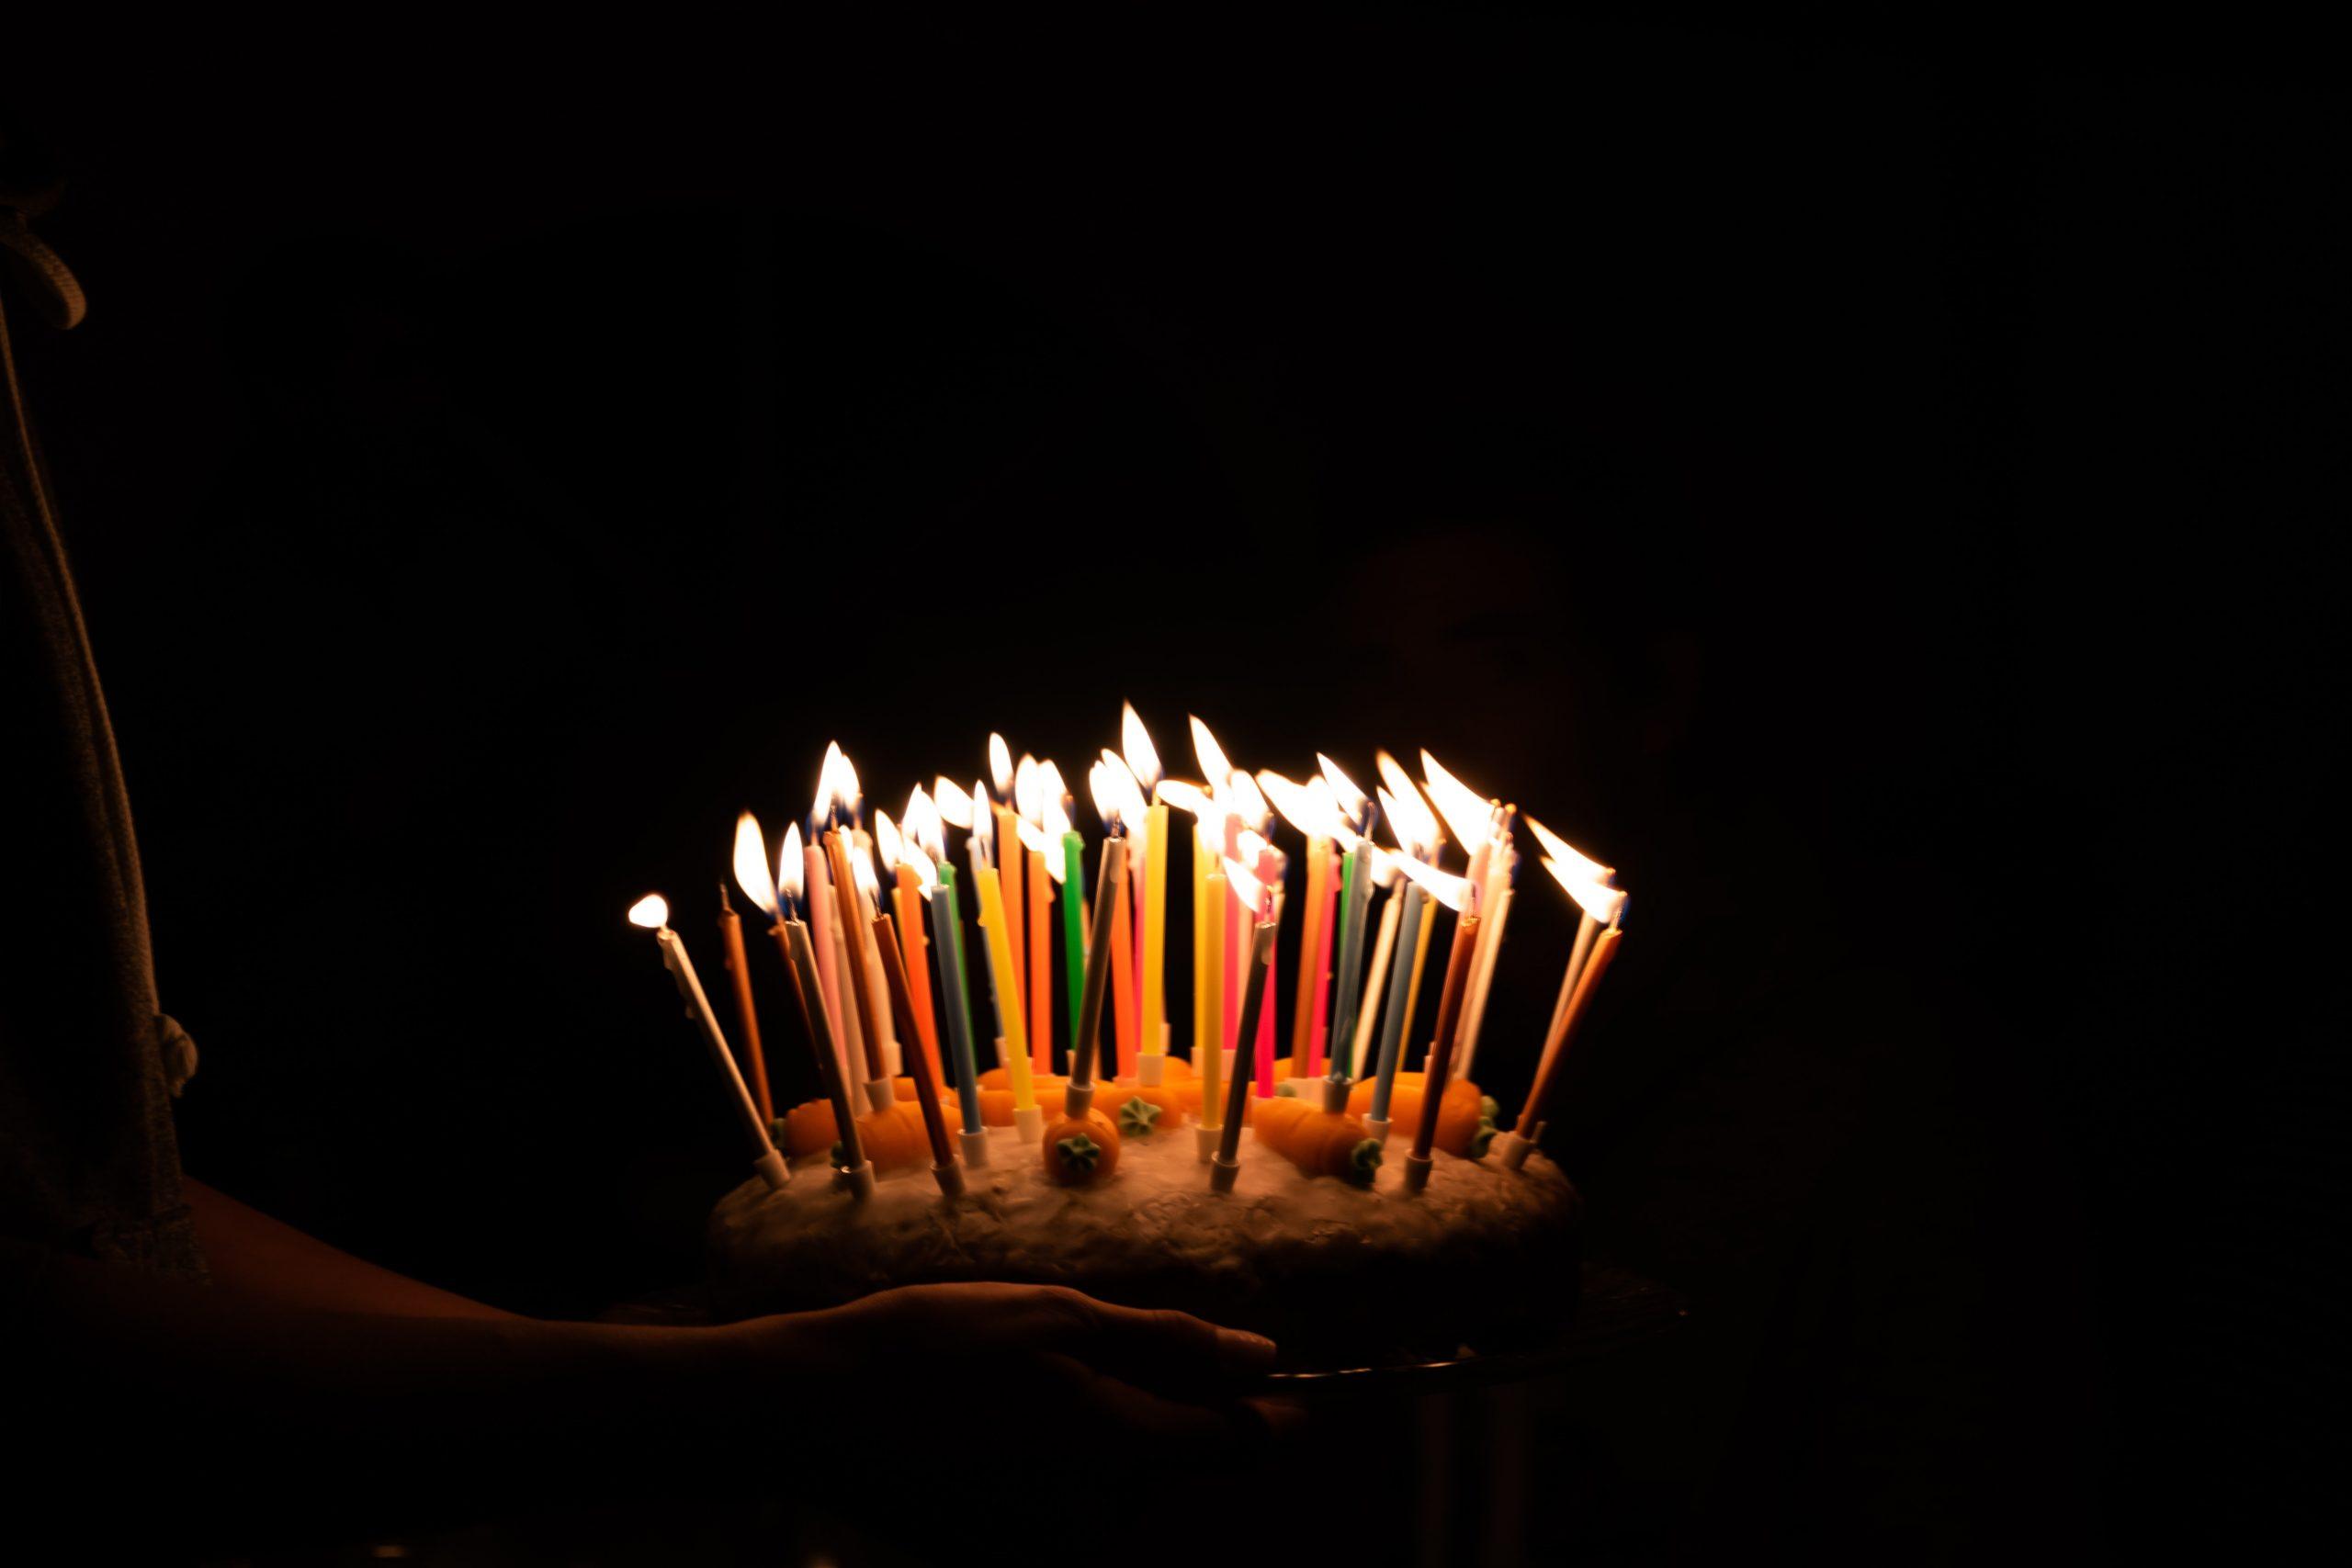 ¡Estamos de aniversario y queremos compartirlo contigo!